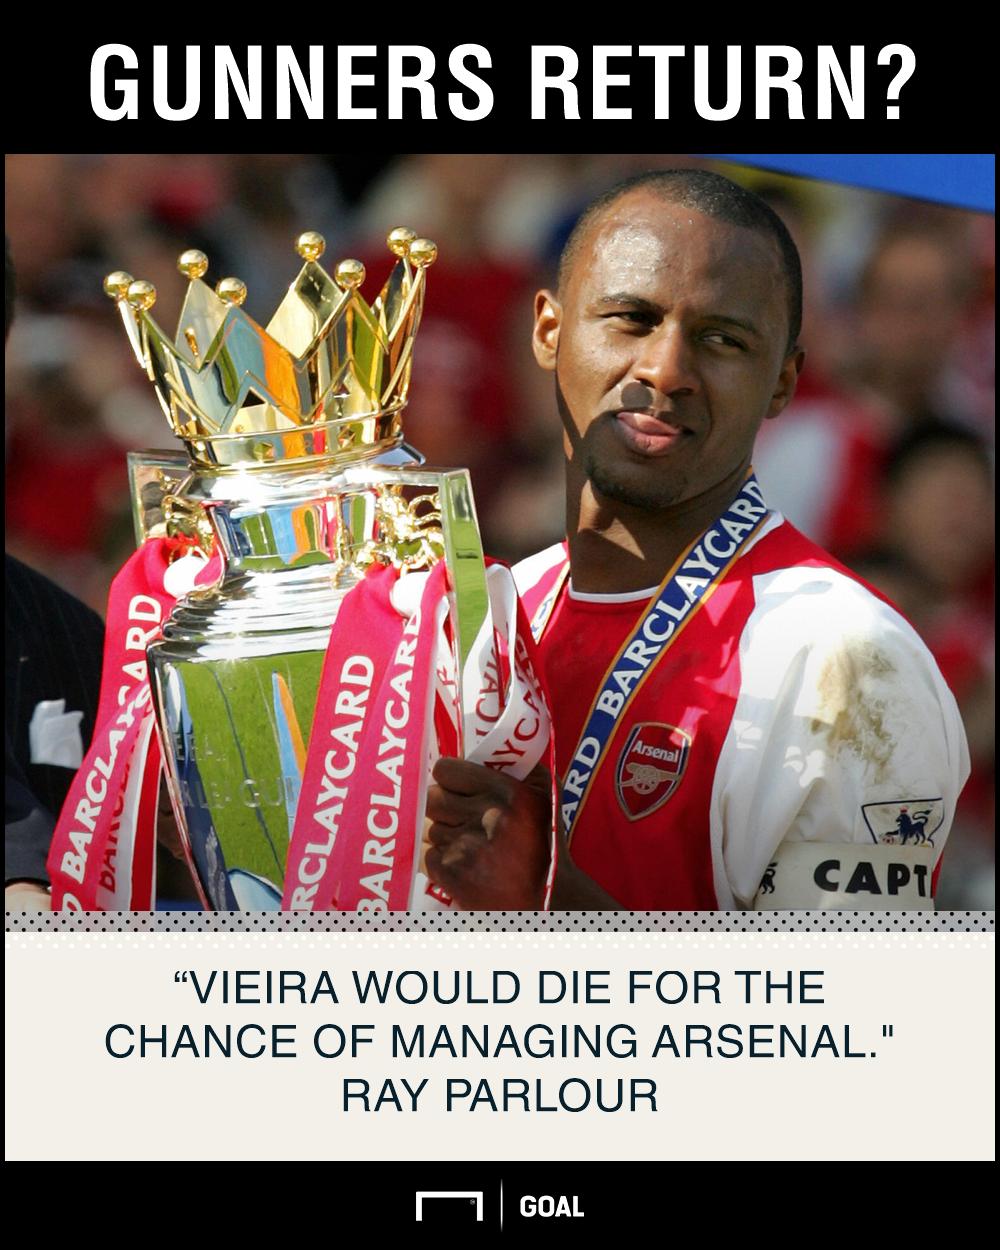 Patrick Vieira die for Arsenal job Ray Parlour